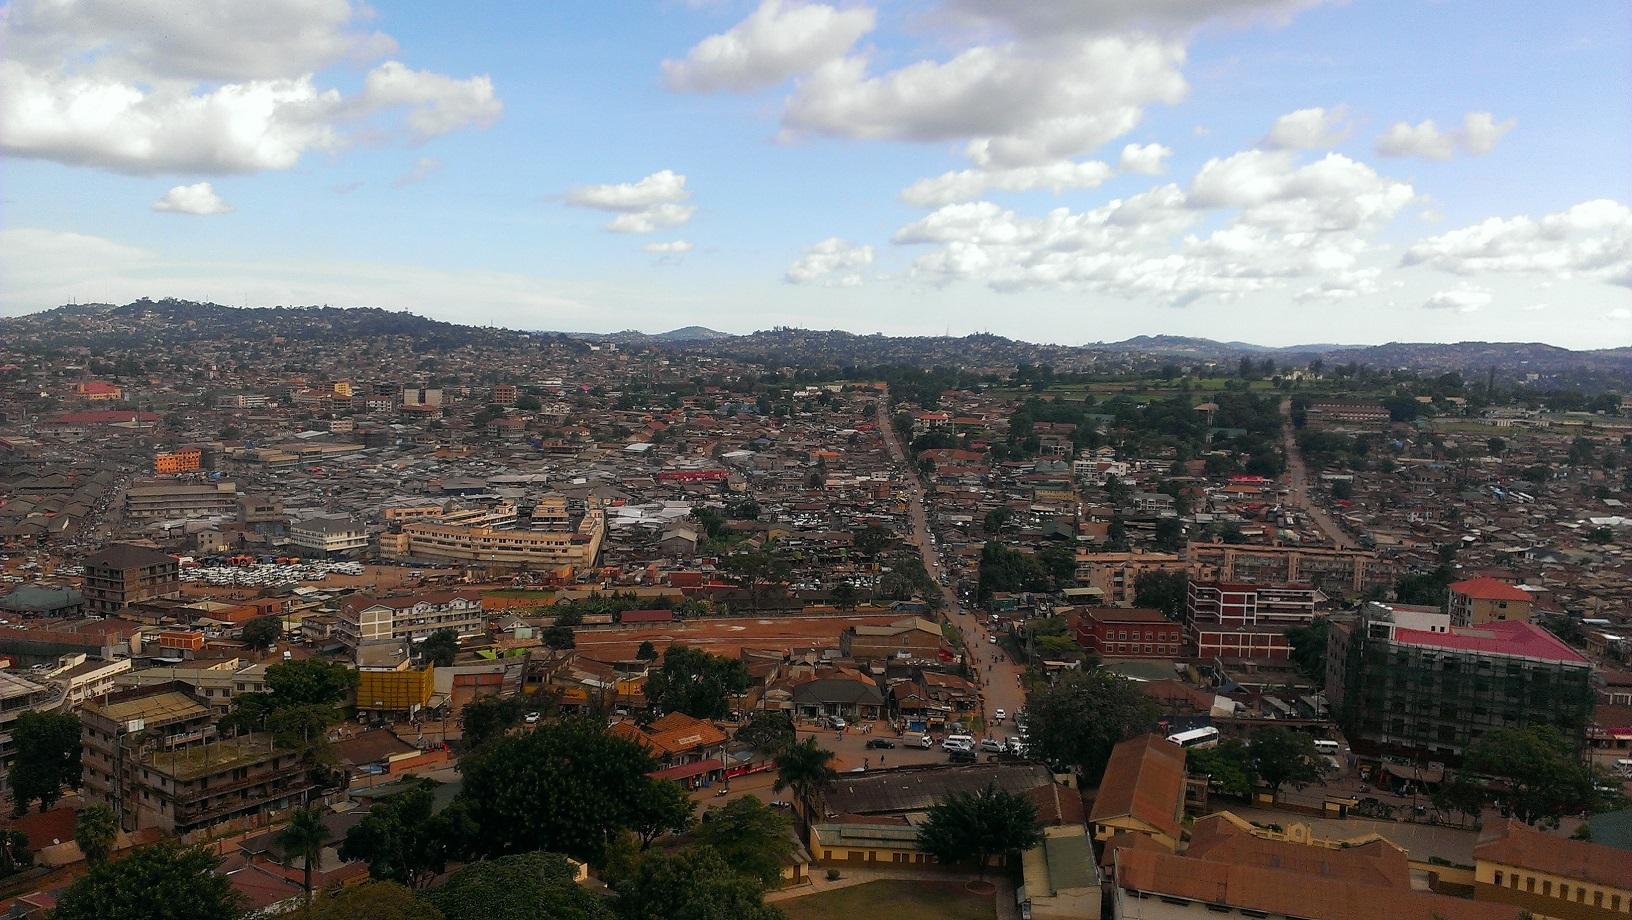 Blick auf Kampala aus dem Minarett der sehenswerten Gaddafi-Moschee